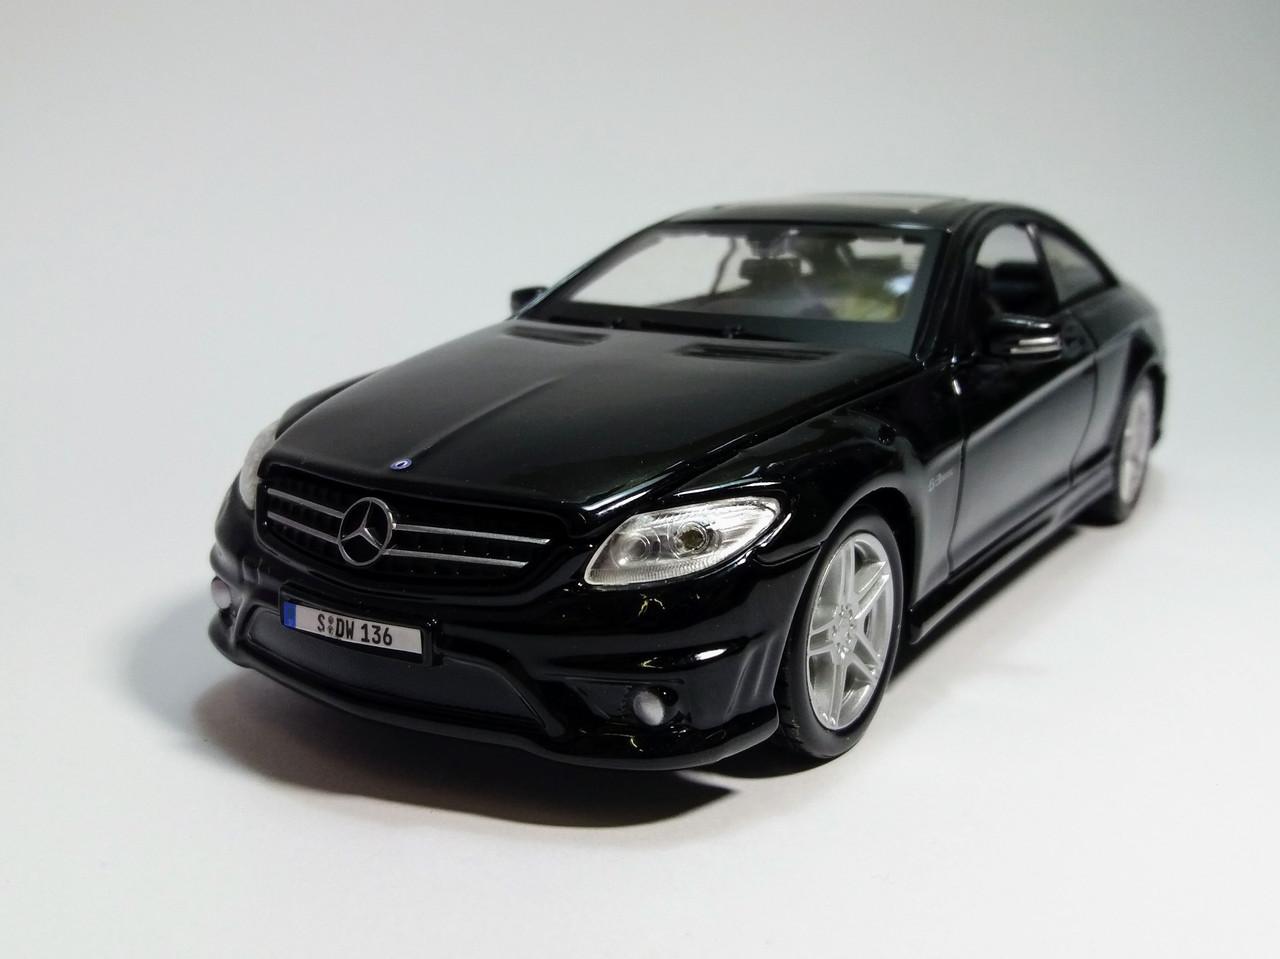 Автомодель Mercedes-Benz CL63 AMG (1:24) чёрный металлик MAISTO